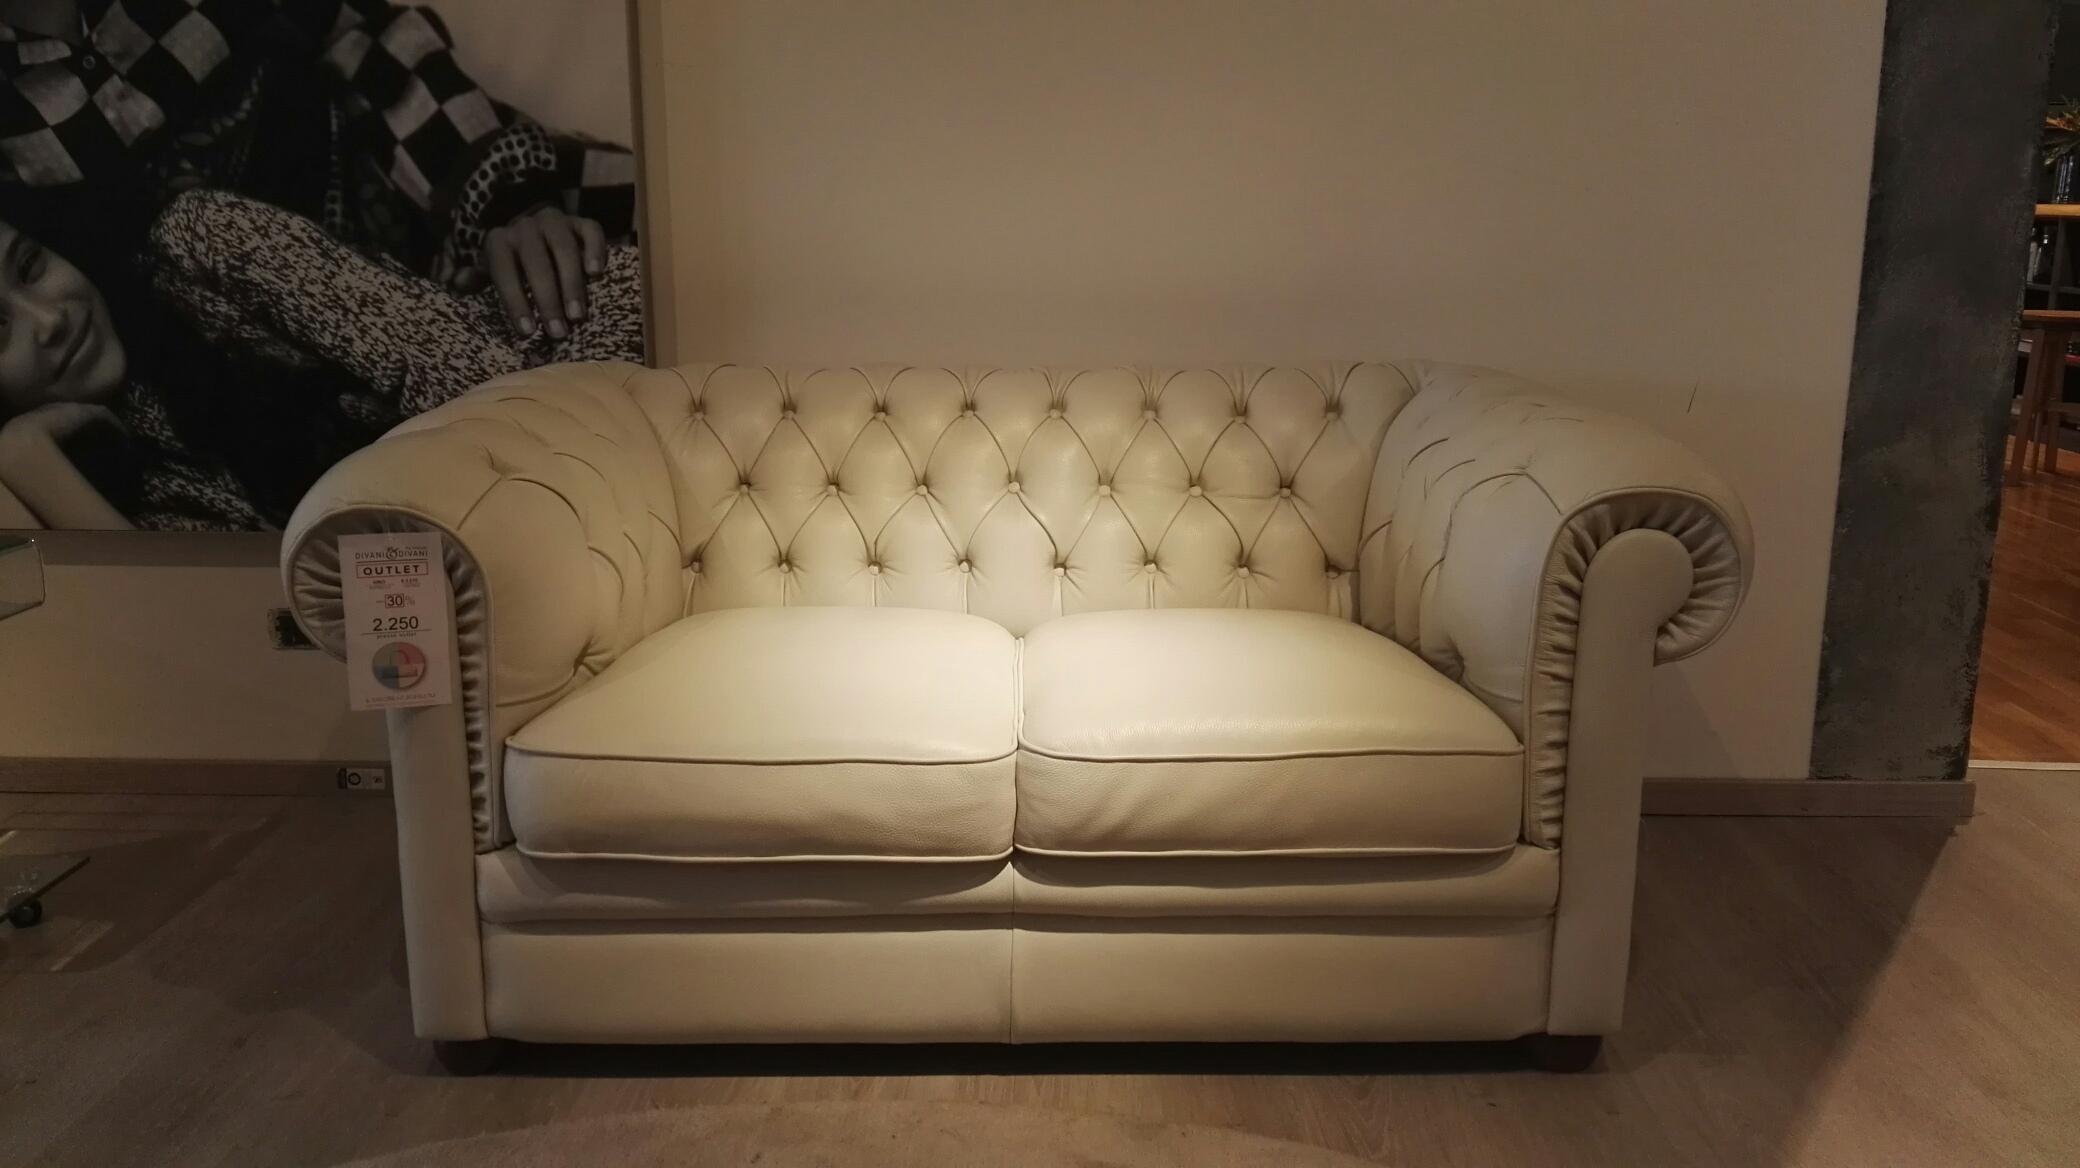 Divano in pelle natuzzi king capitonn bianco scontato del 30 divani a prezzi scontati - Divano in pelle bianco ...